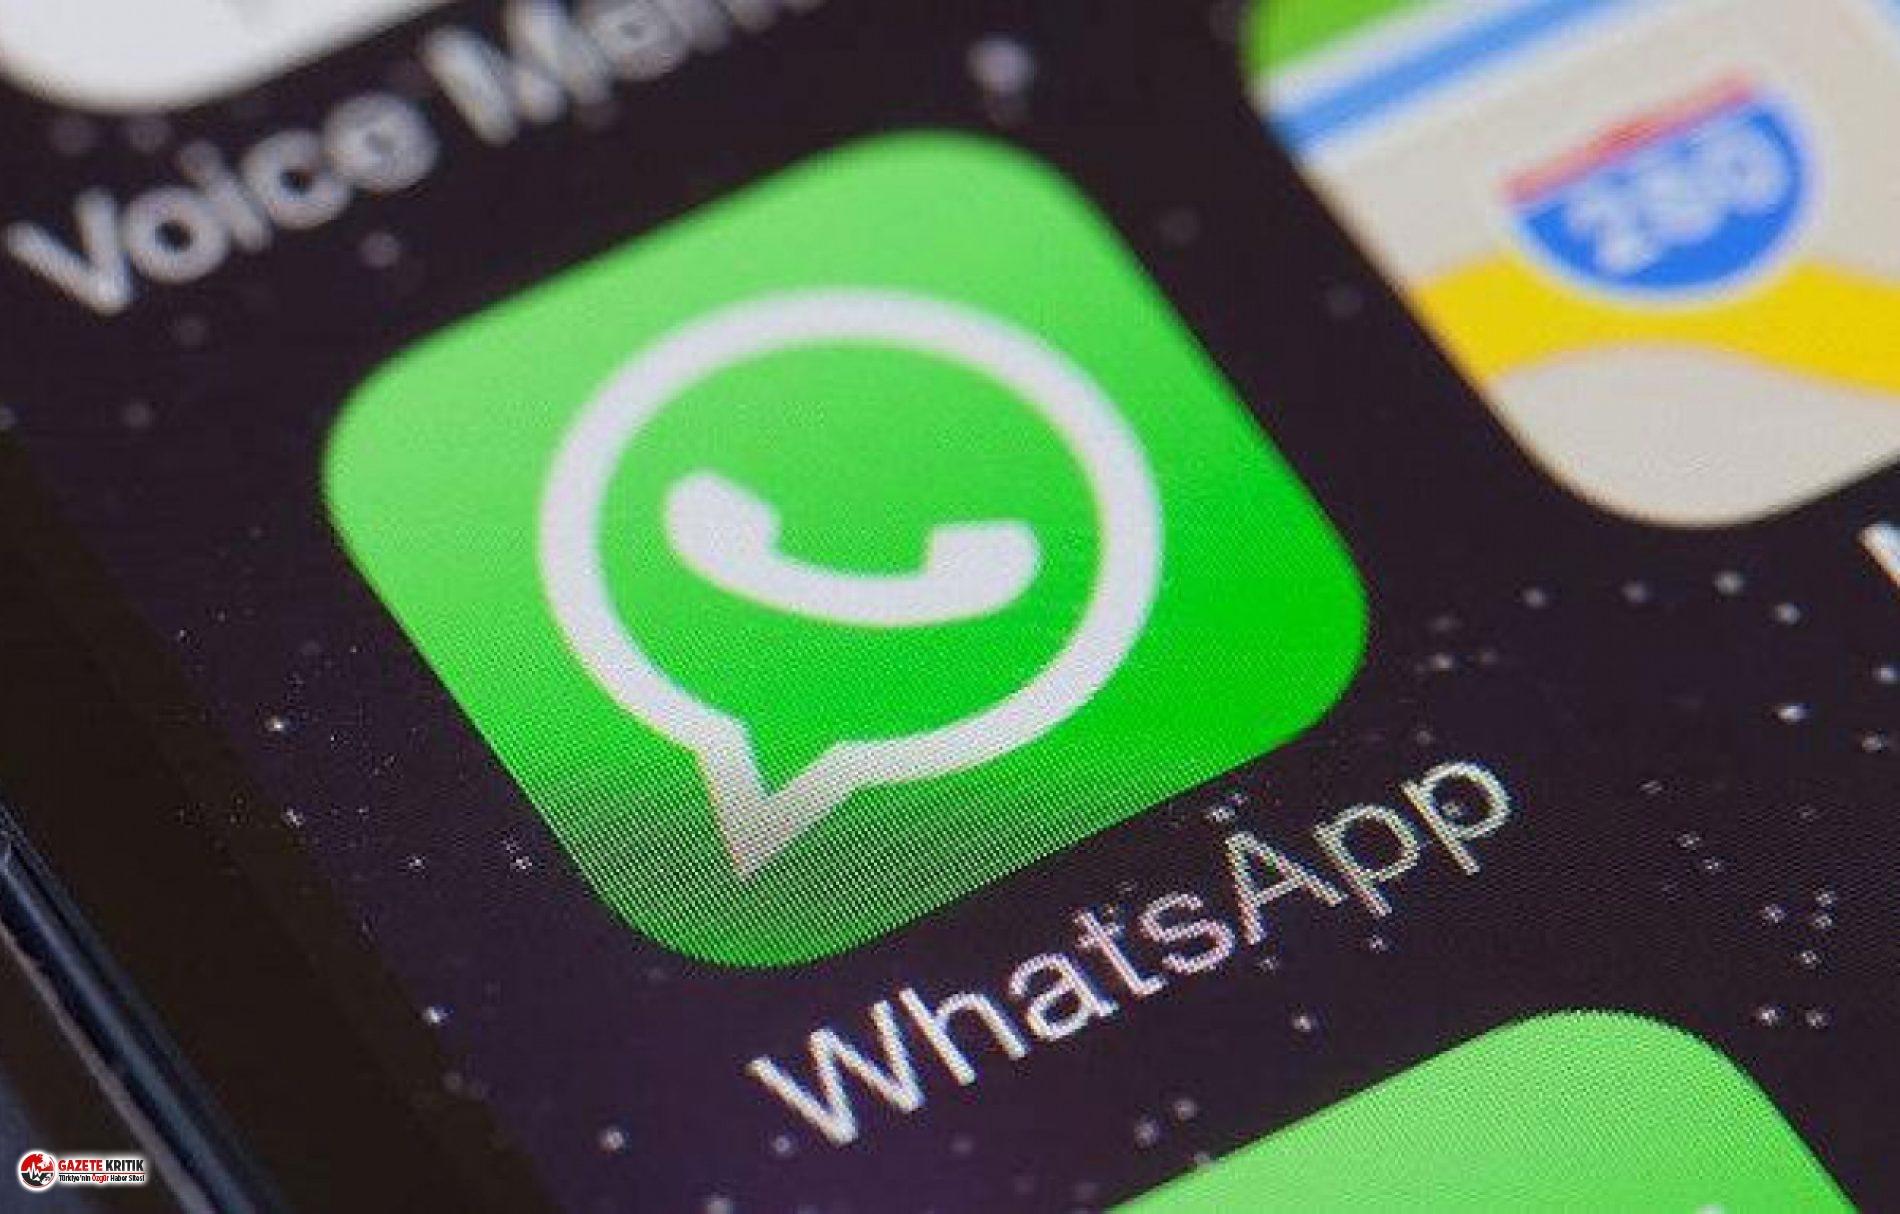 WhatsApp bazı özellikleri kaldırdı mı? Milyonlarca kullanıcıdan hata bildirimi!